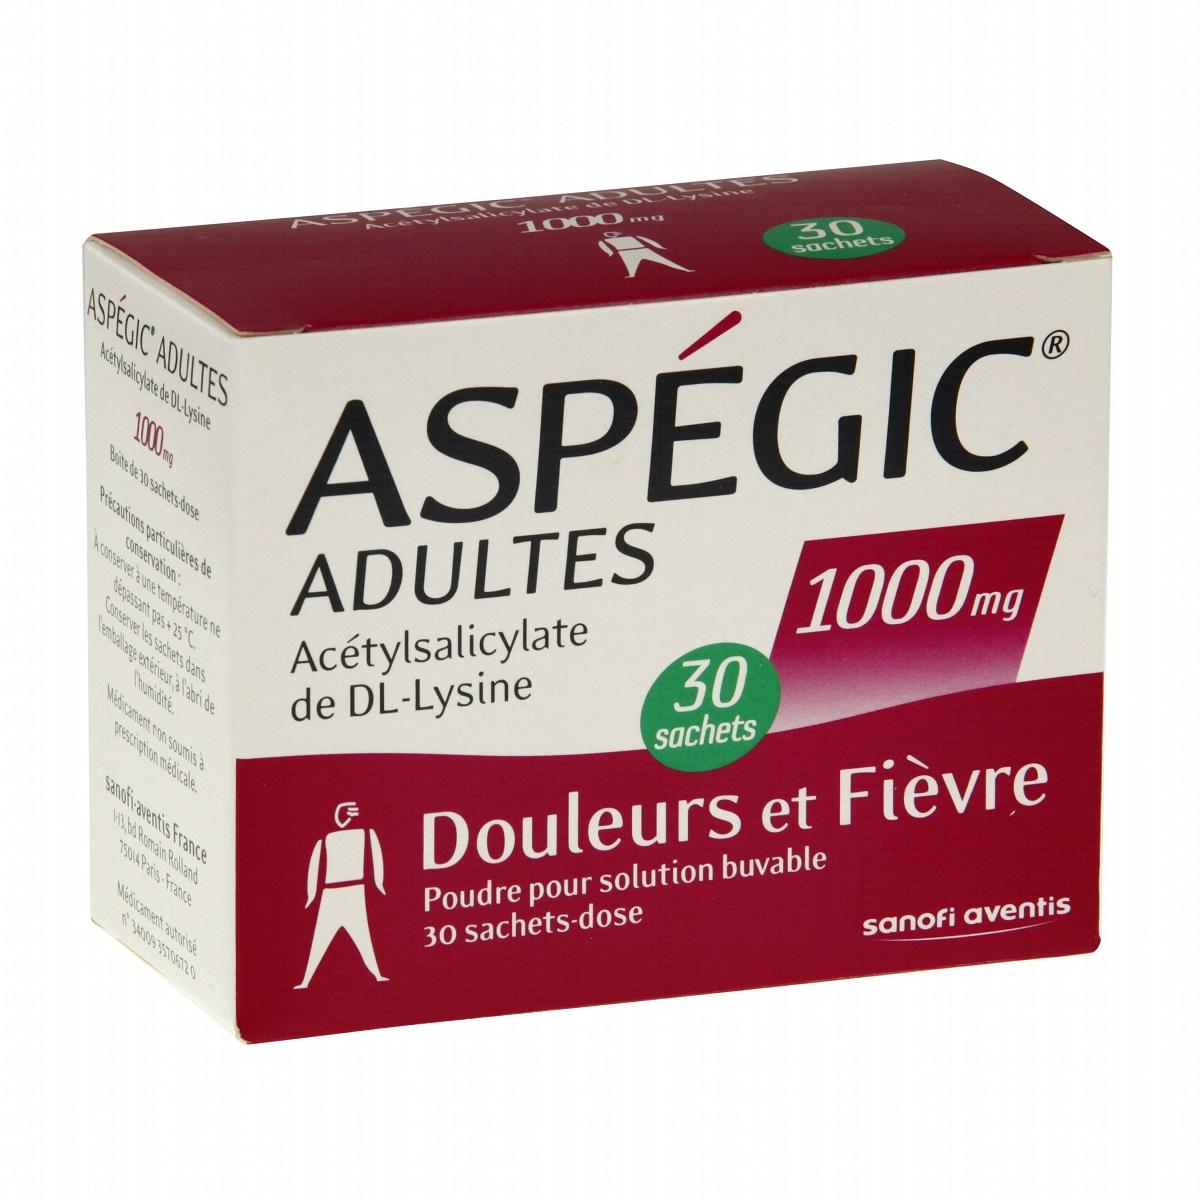 Aspegic-adulte-1000-mg